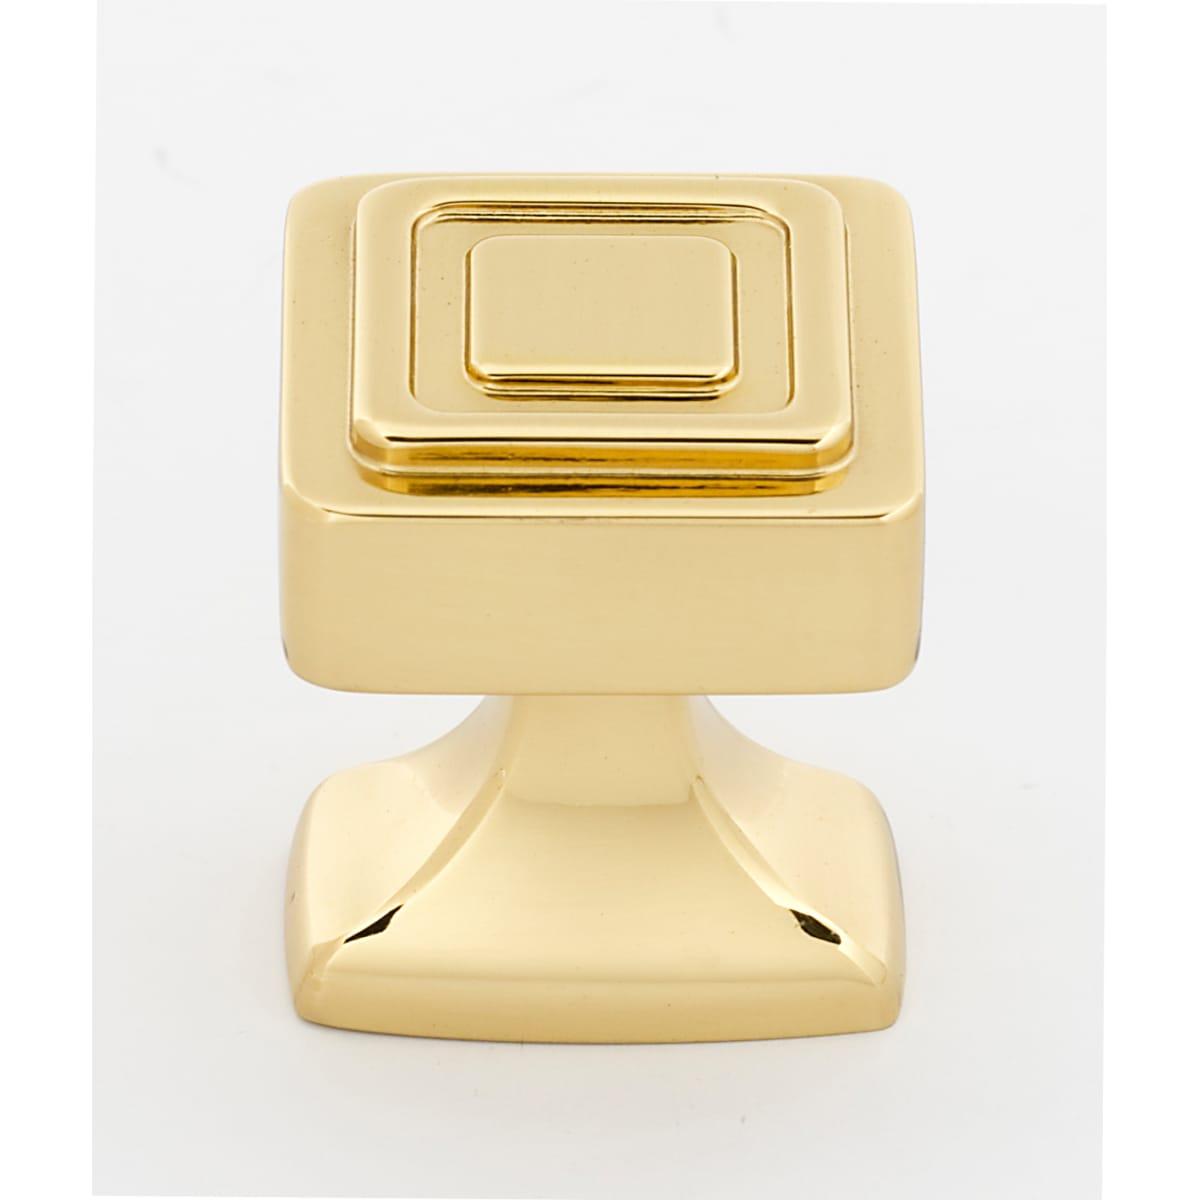 Alno Cube 1-1/4 Inch Square Cabinet Knob